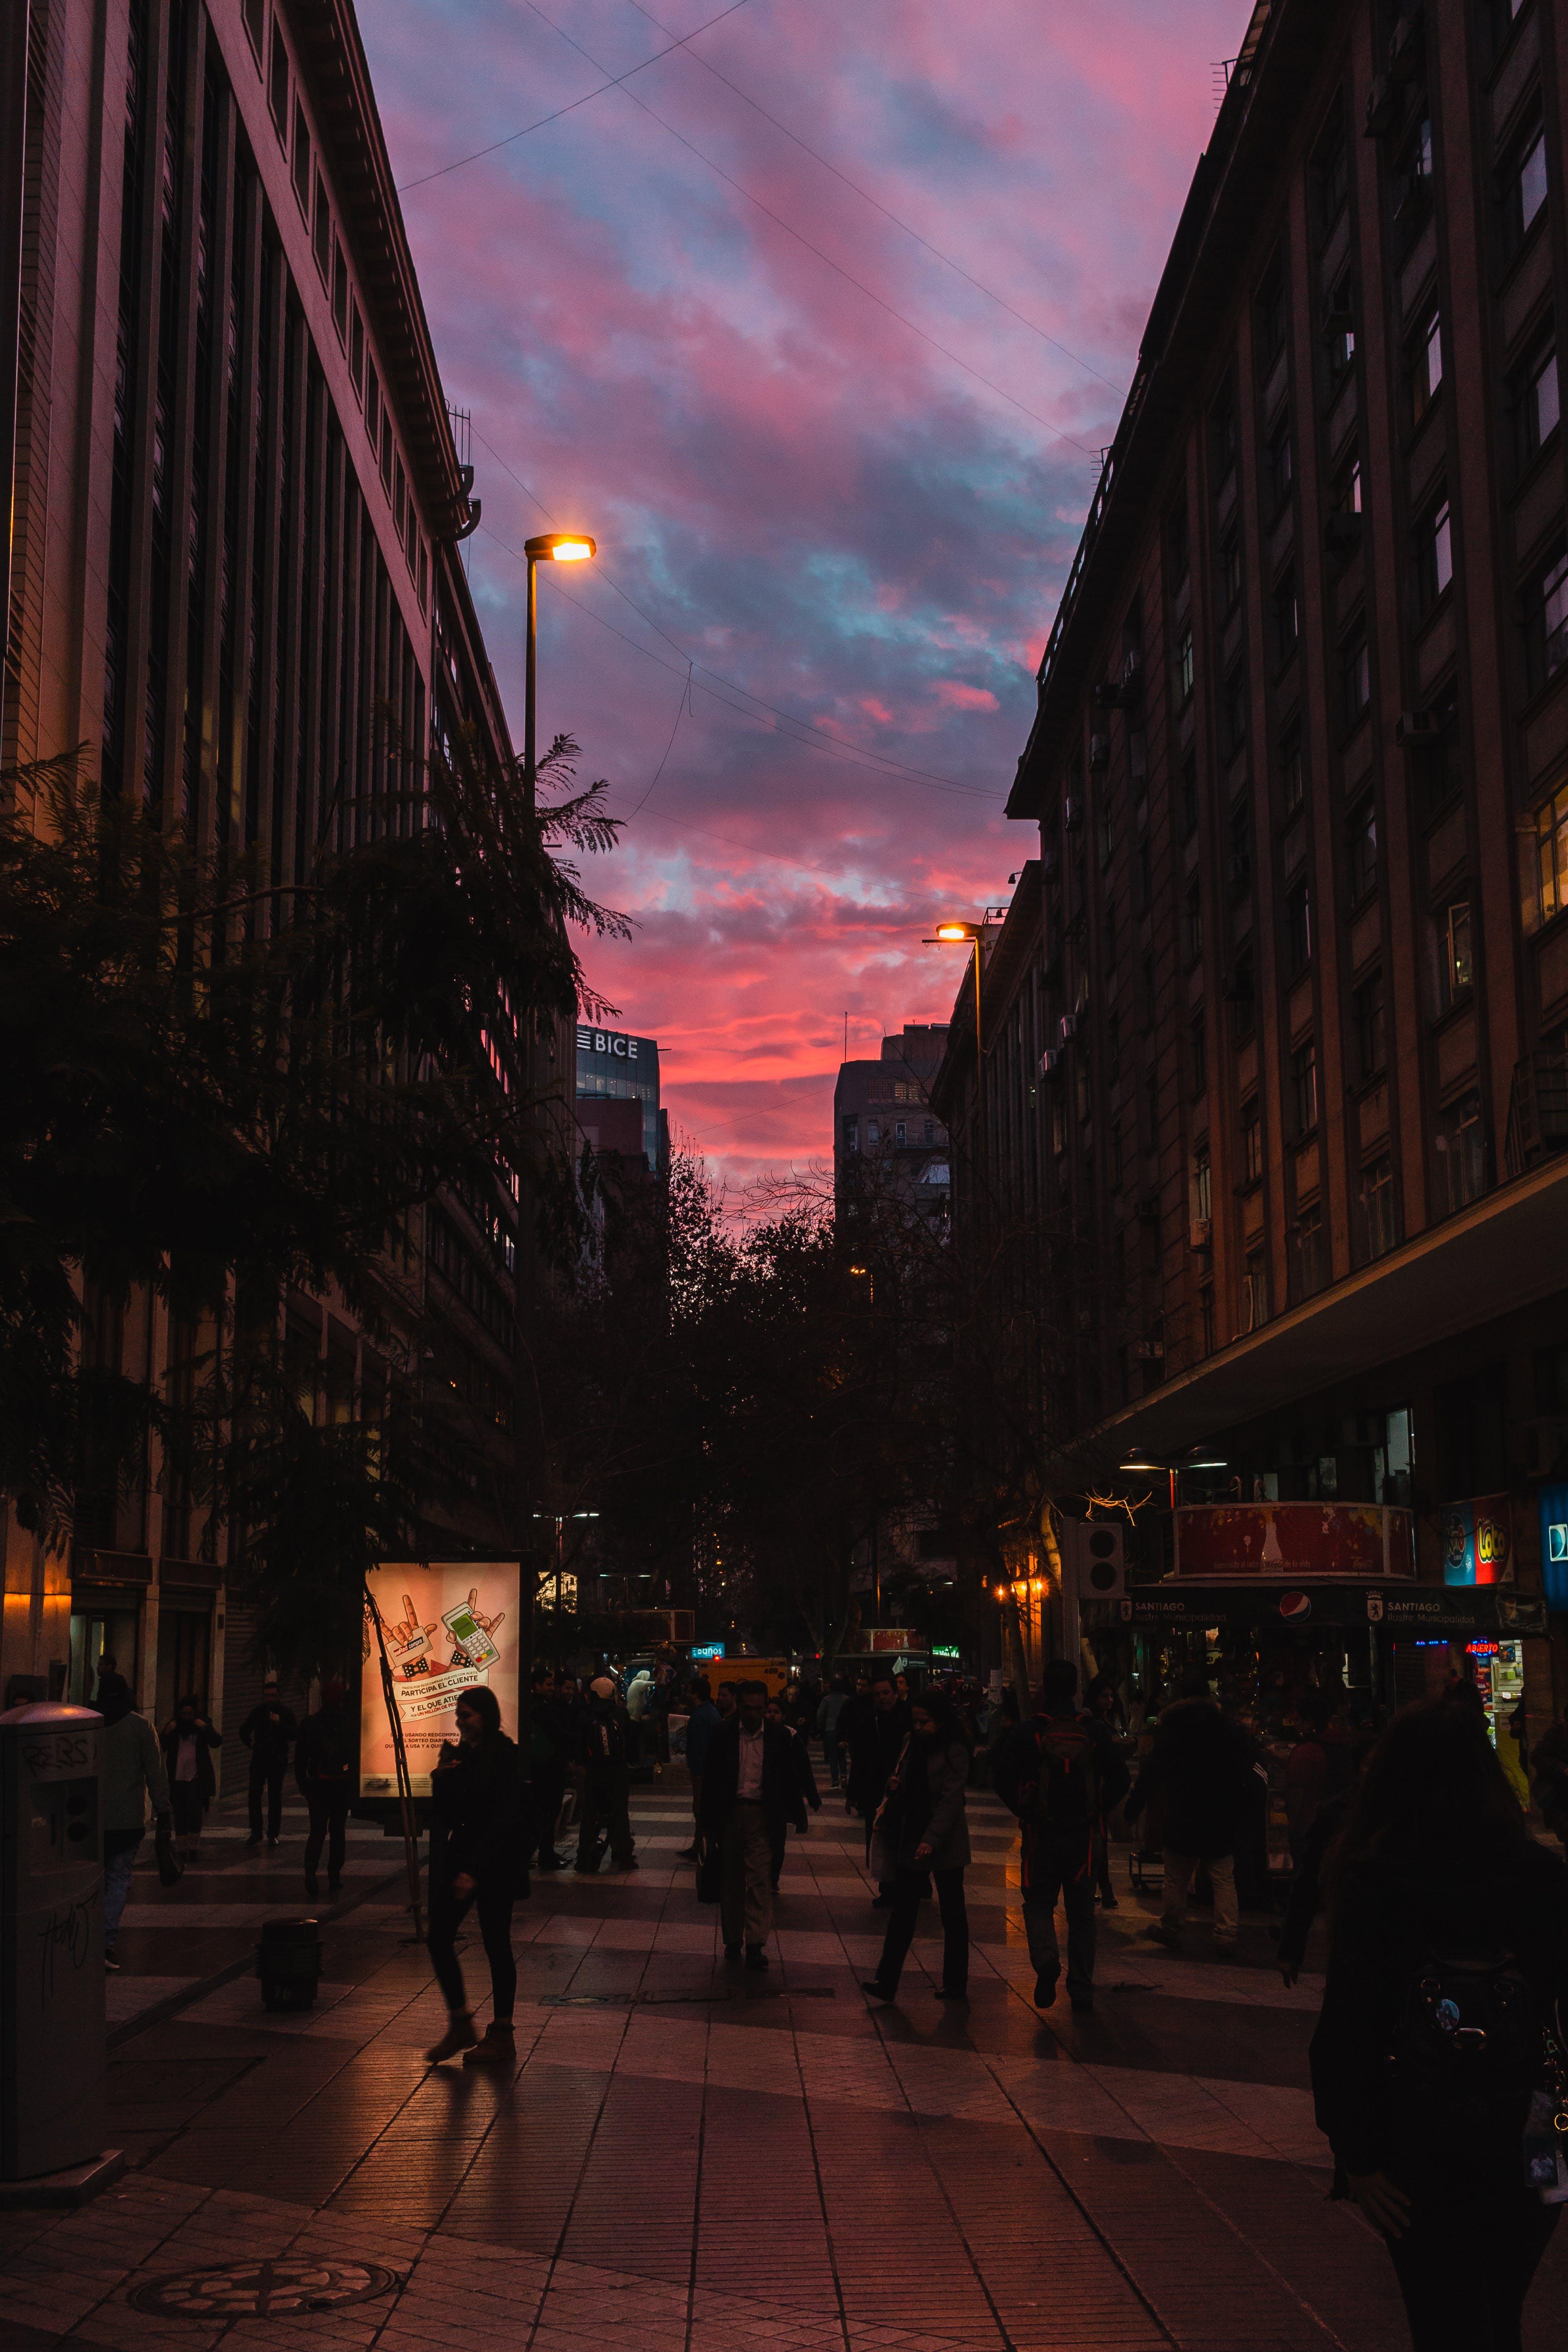 シティ, 人, 商取引, 夕方の無料の写真素材